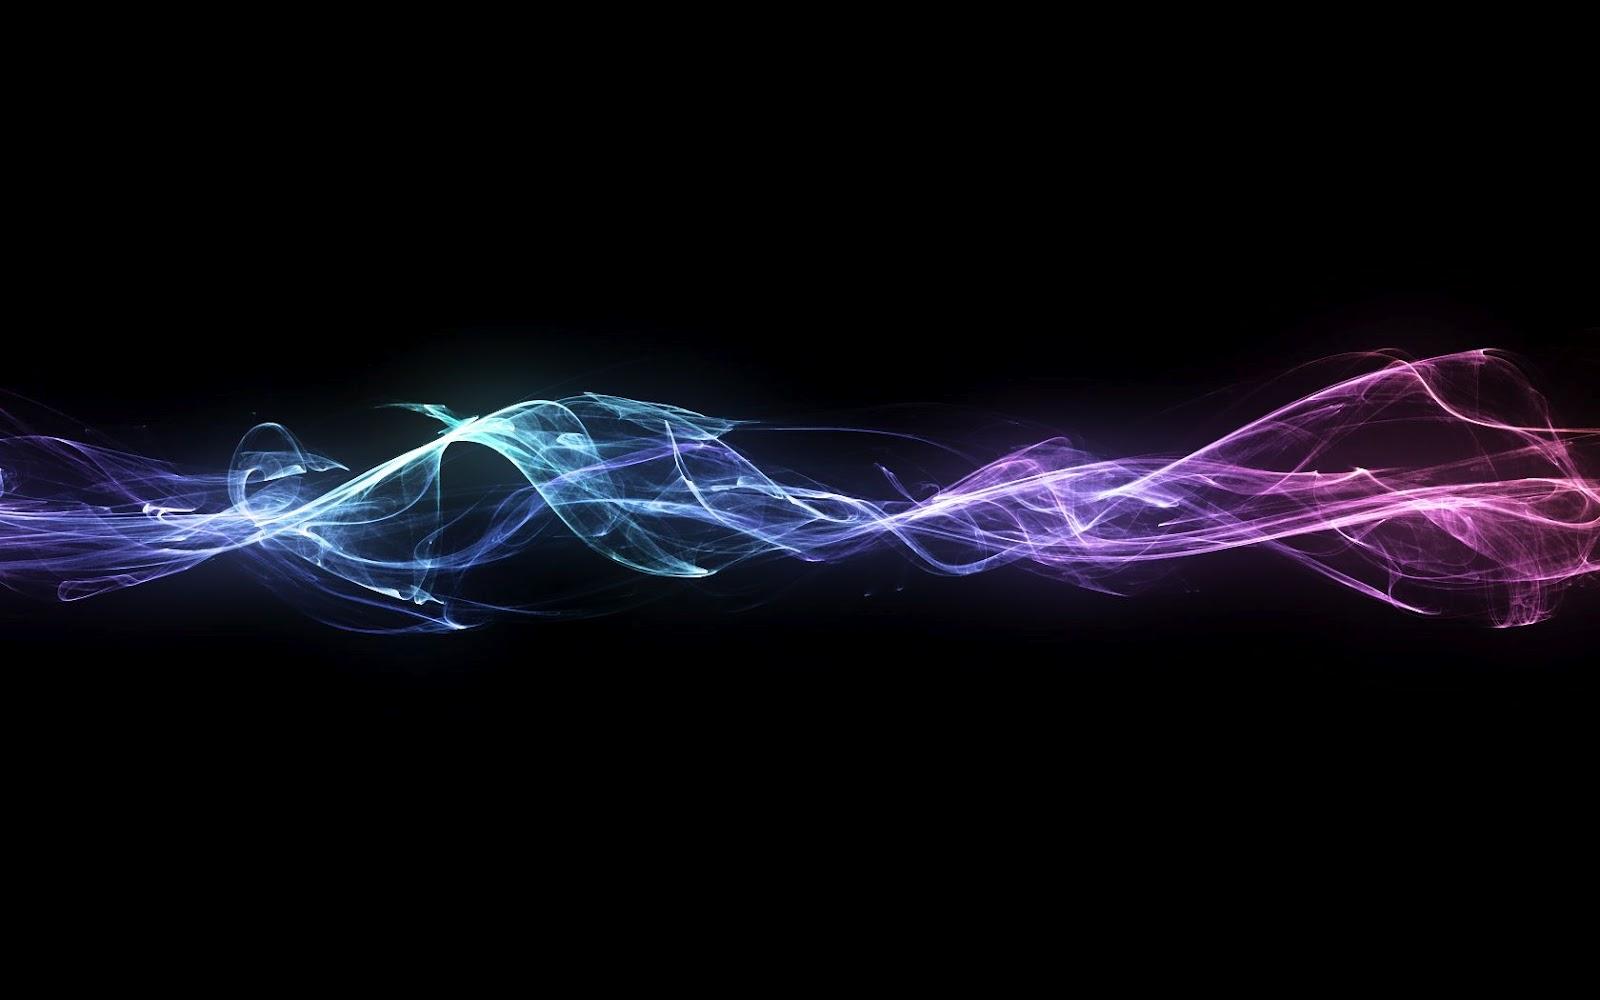 http://4.bp.blogspot.com/-nsd-4zpw9HM/T_EWXKnfQeI/AAAAAAAABB0/MVKL9AtpFH0/s1600/energyfluke.jpg